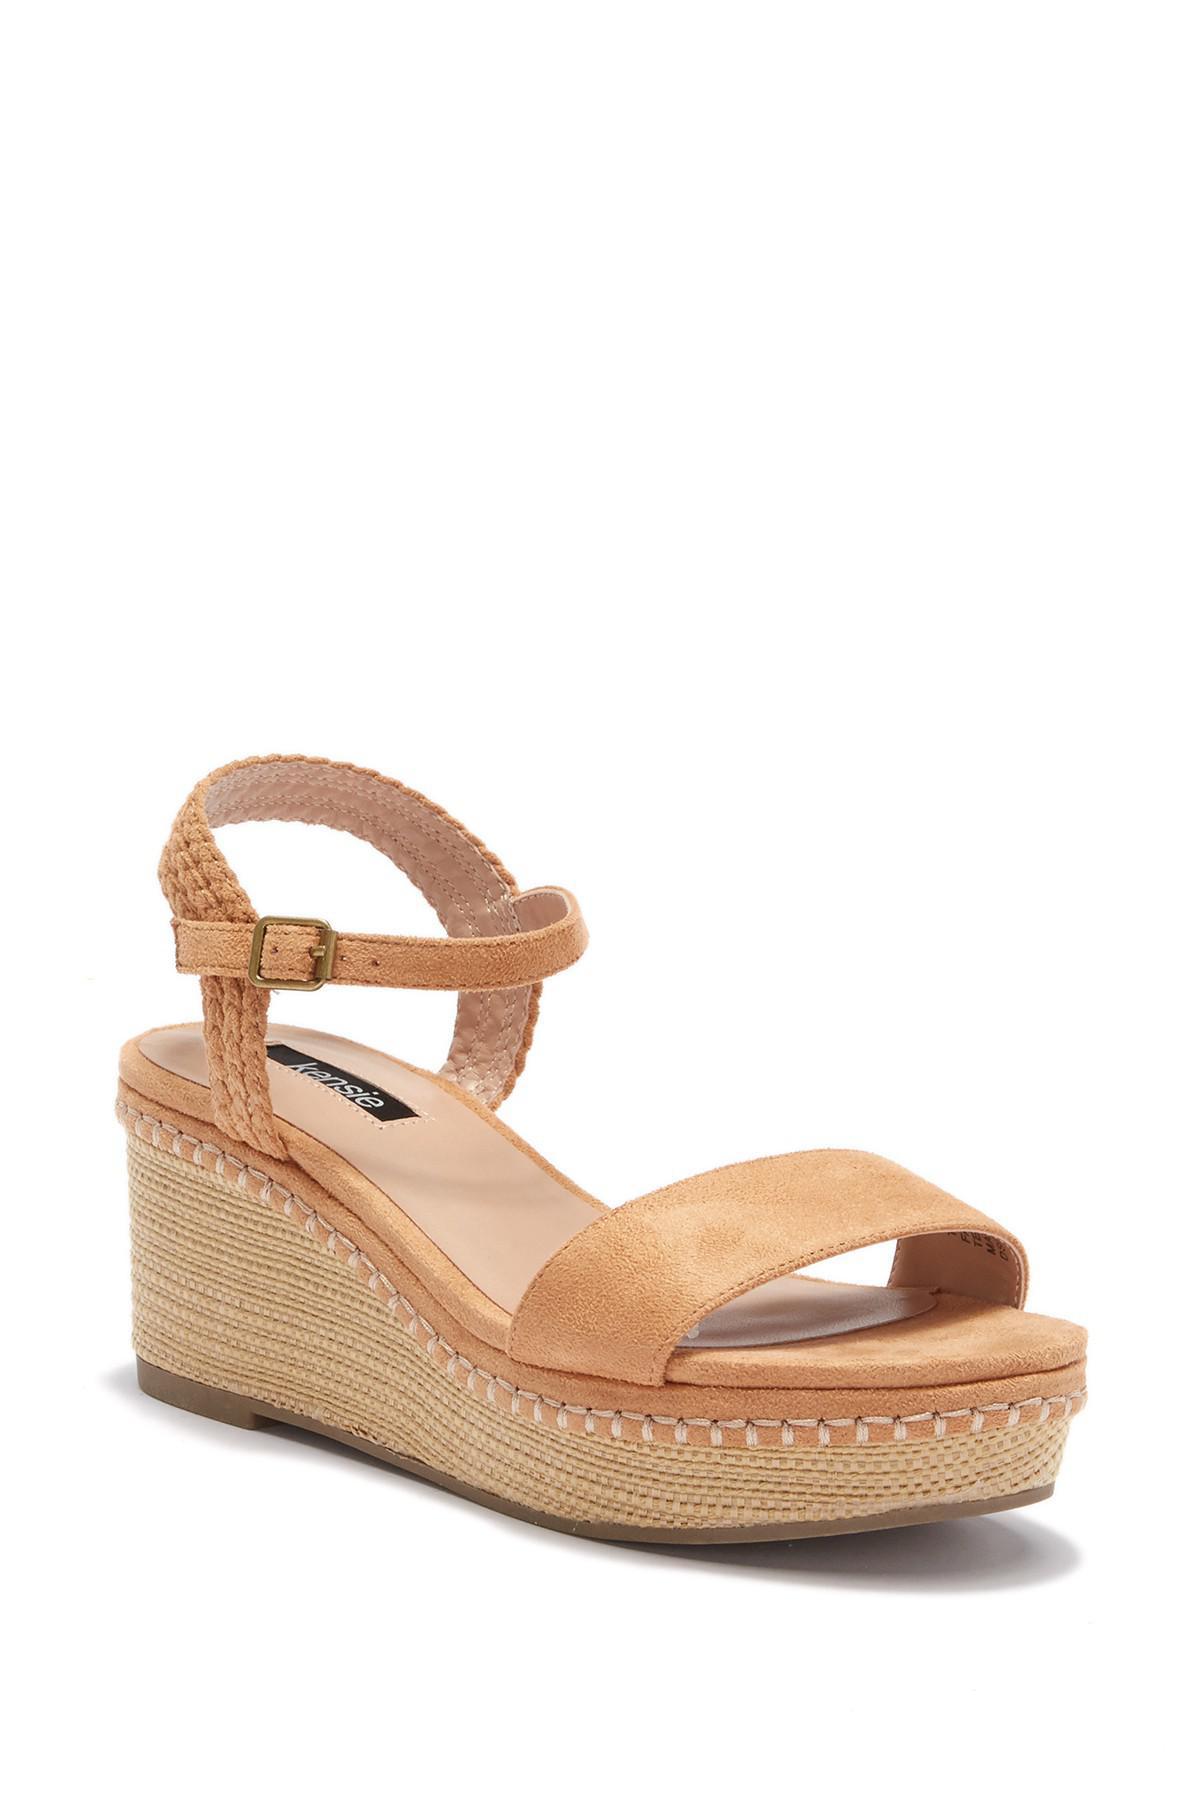 Kensie Timothy Wedge Platform Sandal - Lyst